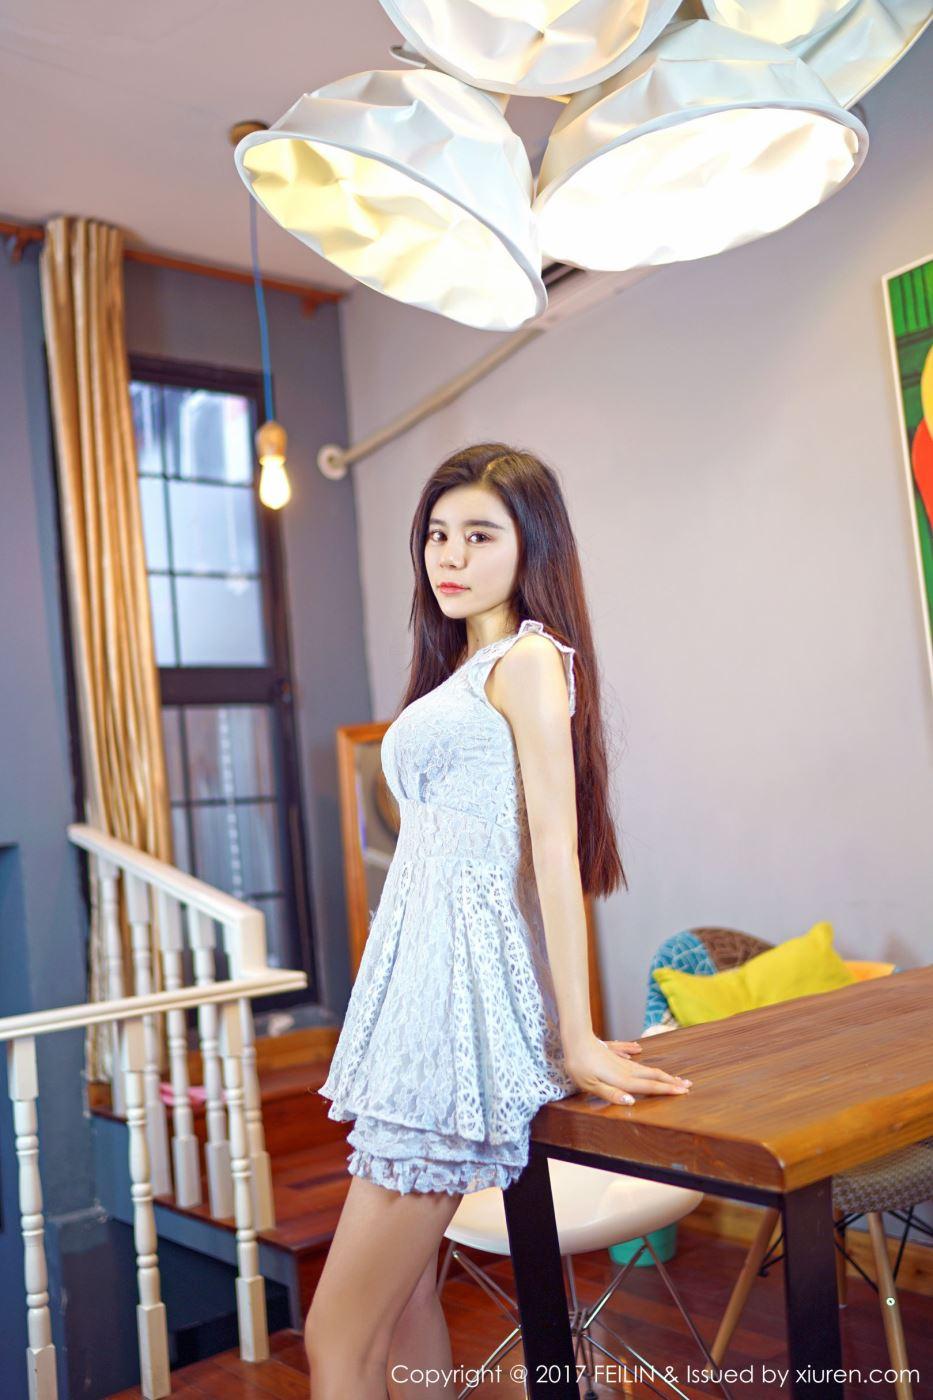 清秀佳丽长发清纯美女嫩模gary维爱一袭长裙写真套图